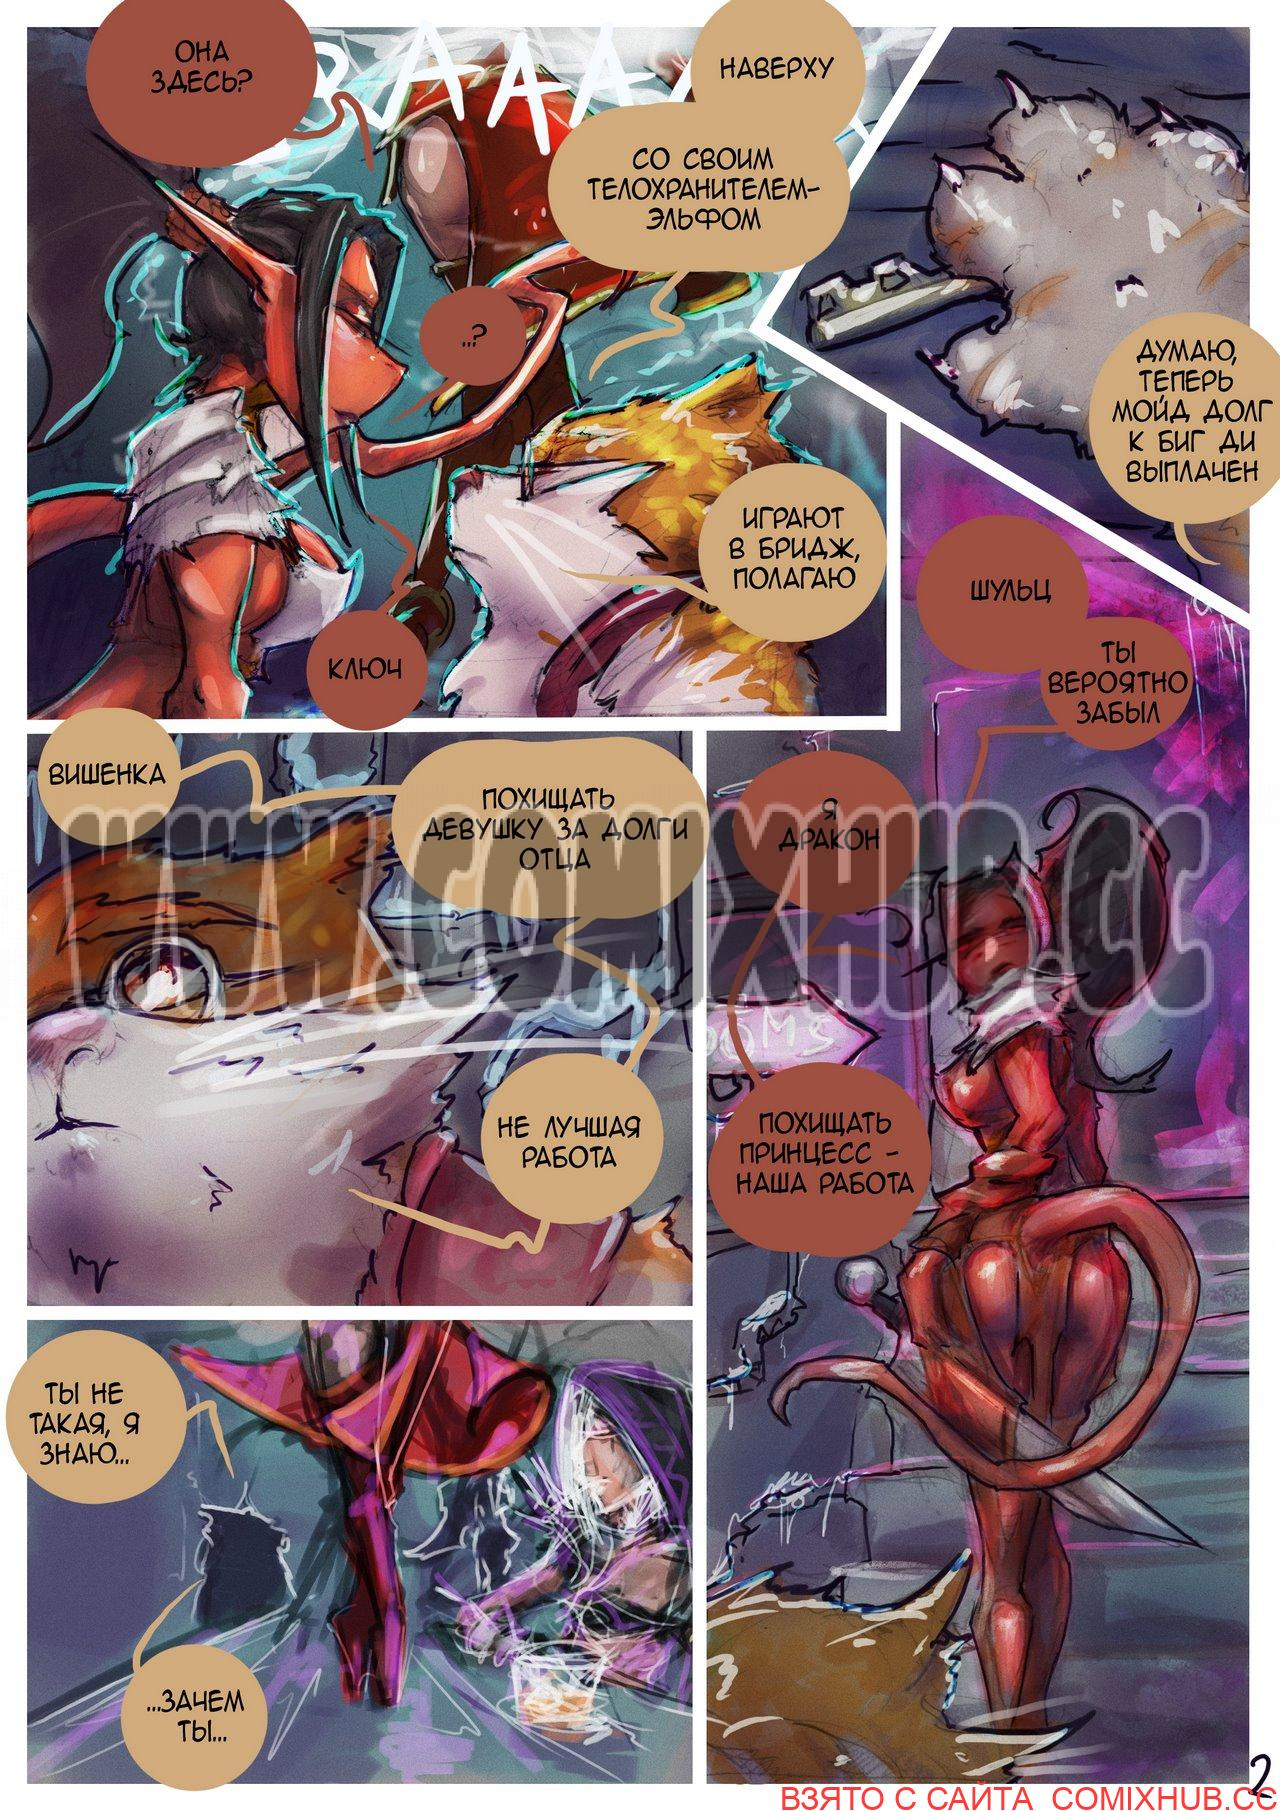 Горячий снег порно комиксы Лесбиянки, Групповой секс, Порно комиксы